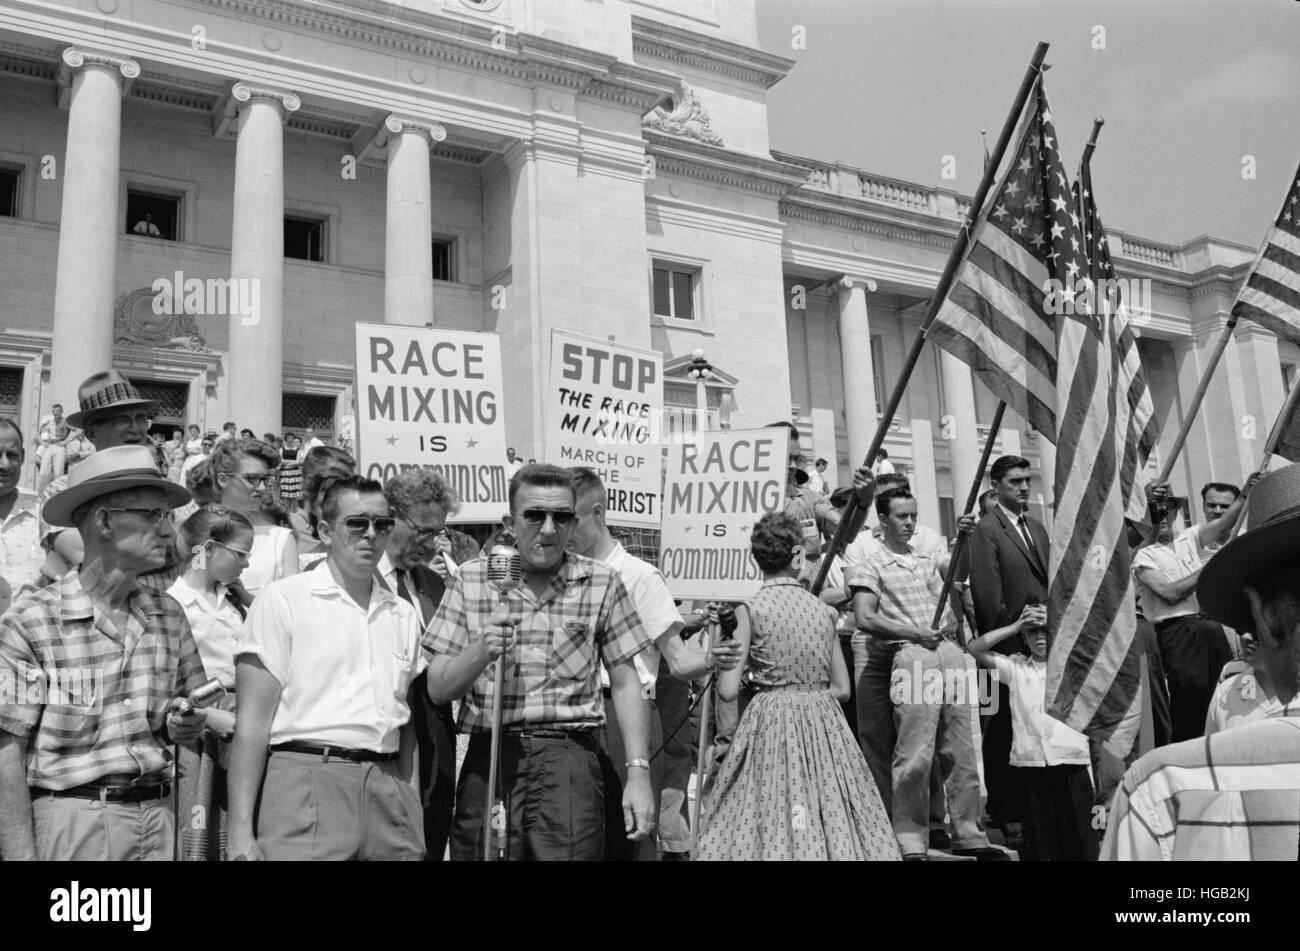 Un grupo de personas rally en Washington, D.C., en protesta por la admisión de los Nueve de Little Rock, 1959. Imagen De Stock